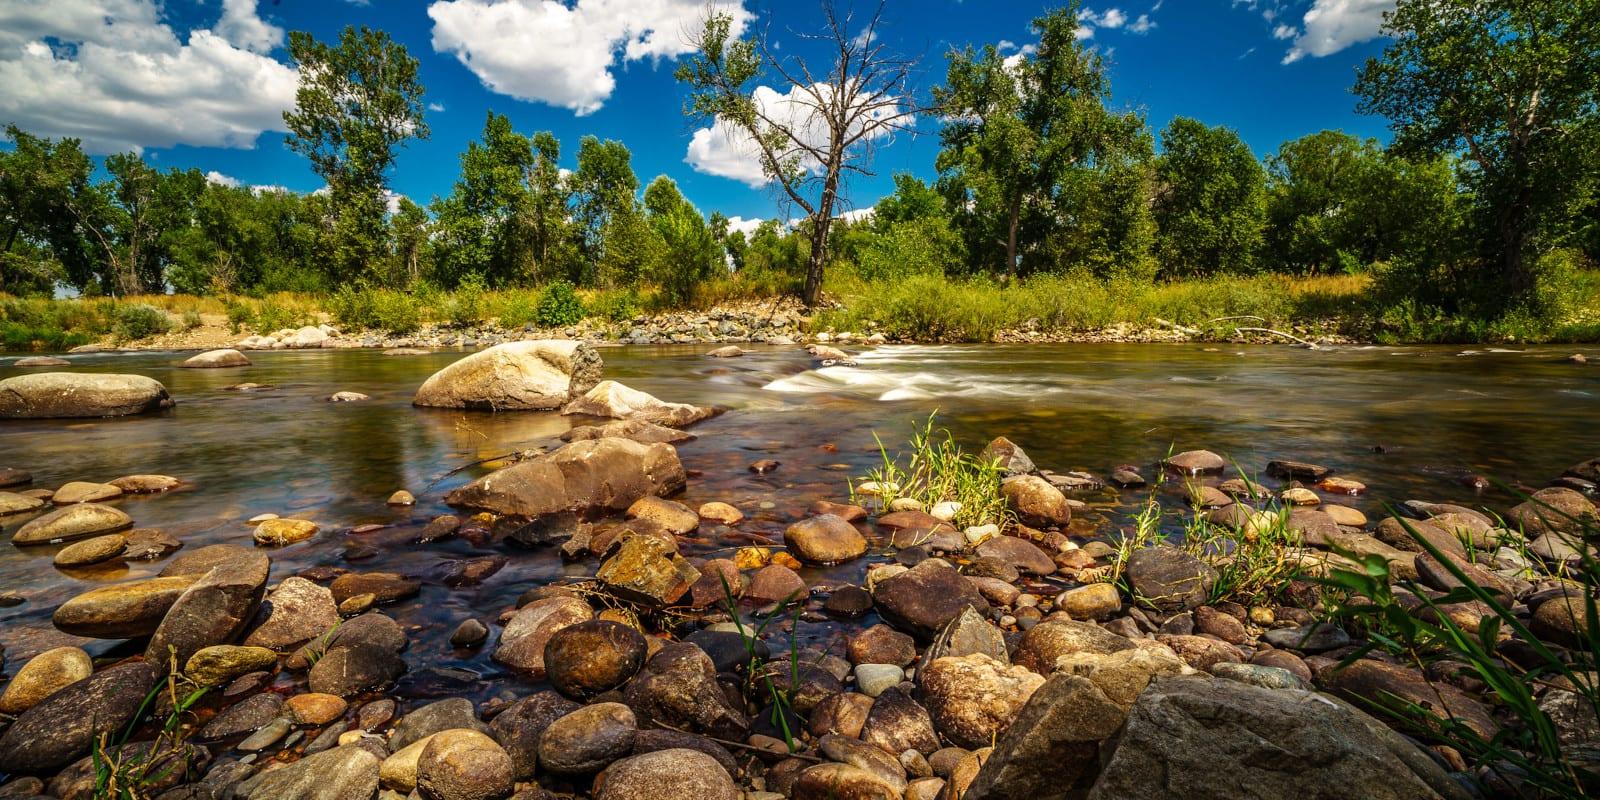 Image of the cache la-poudre river in colorado